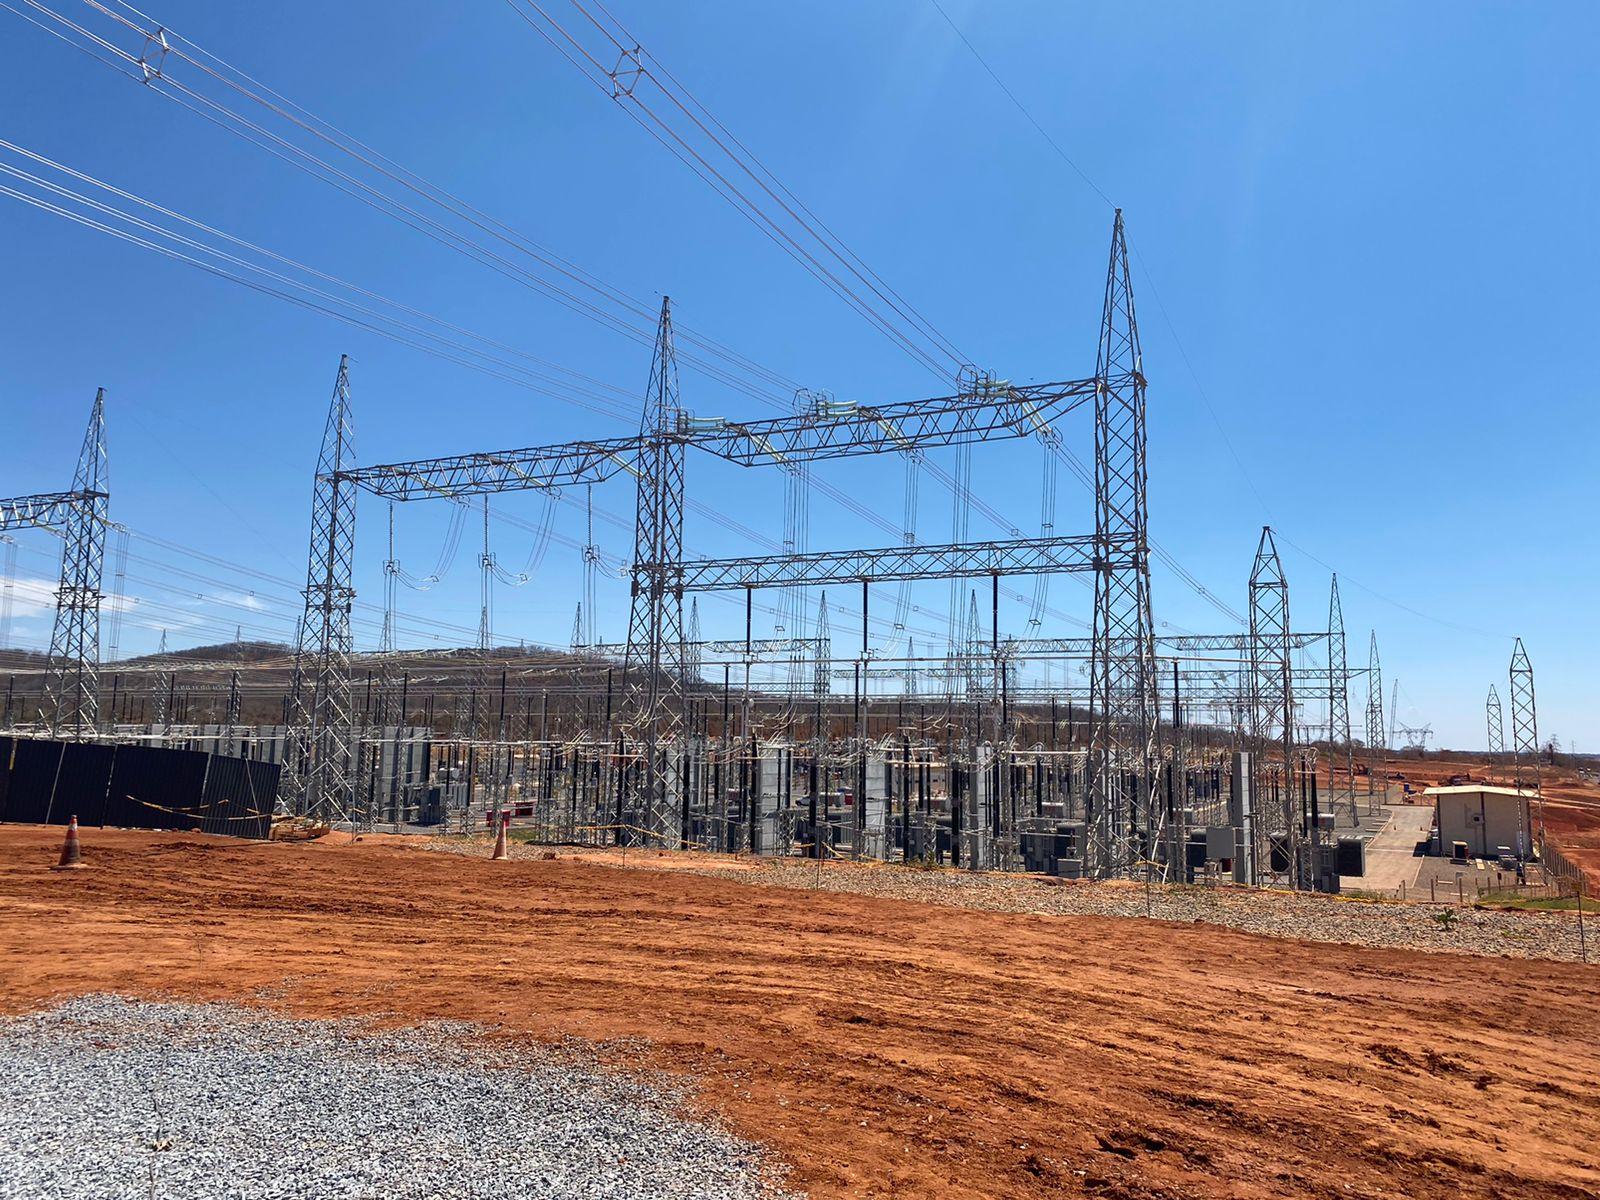 Empresa do Grupo Cemig investe R$ 950 milhões em nova linha de transmissão no Norte de Minas